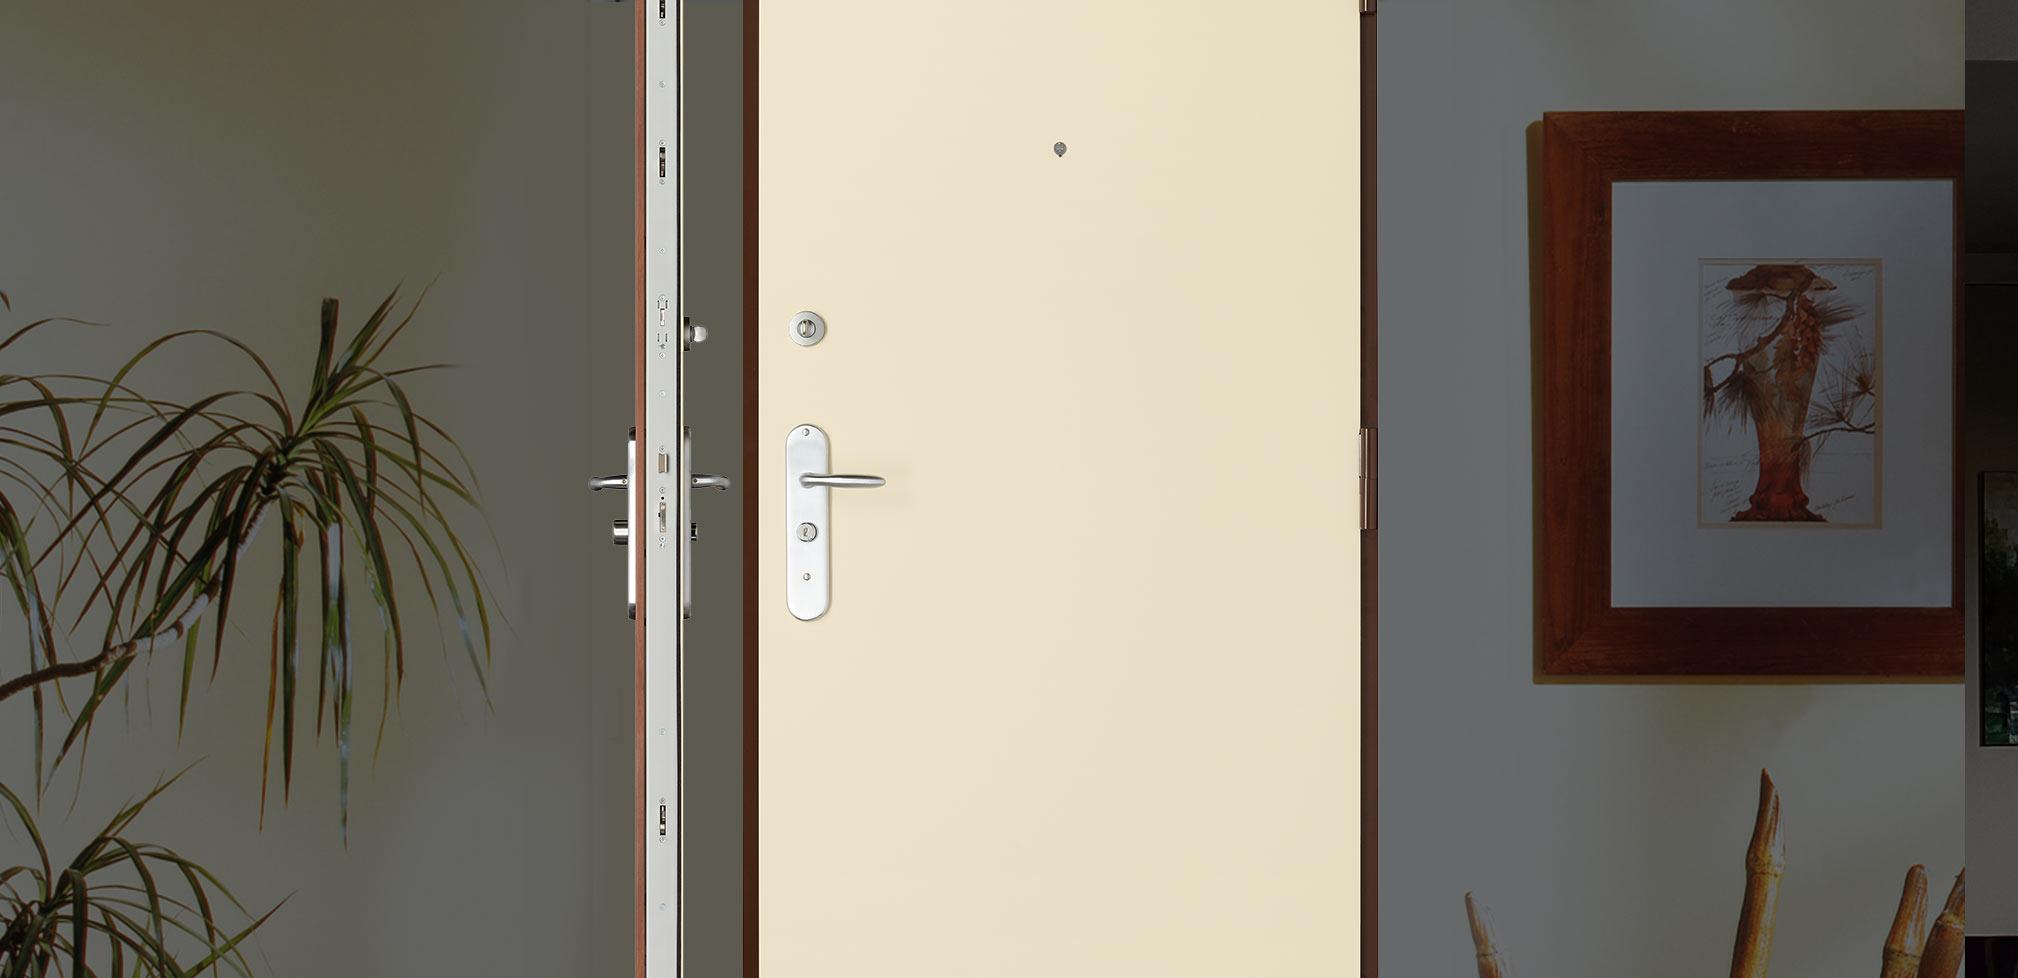 porte blind e fichet foxeo s paris 75005 home garde protection point fort fichet paris. Black Bedroom Furniture Sets. Home Design Ideas